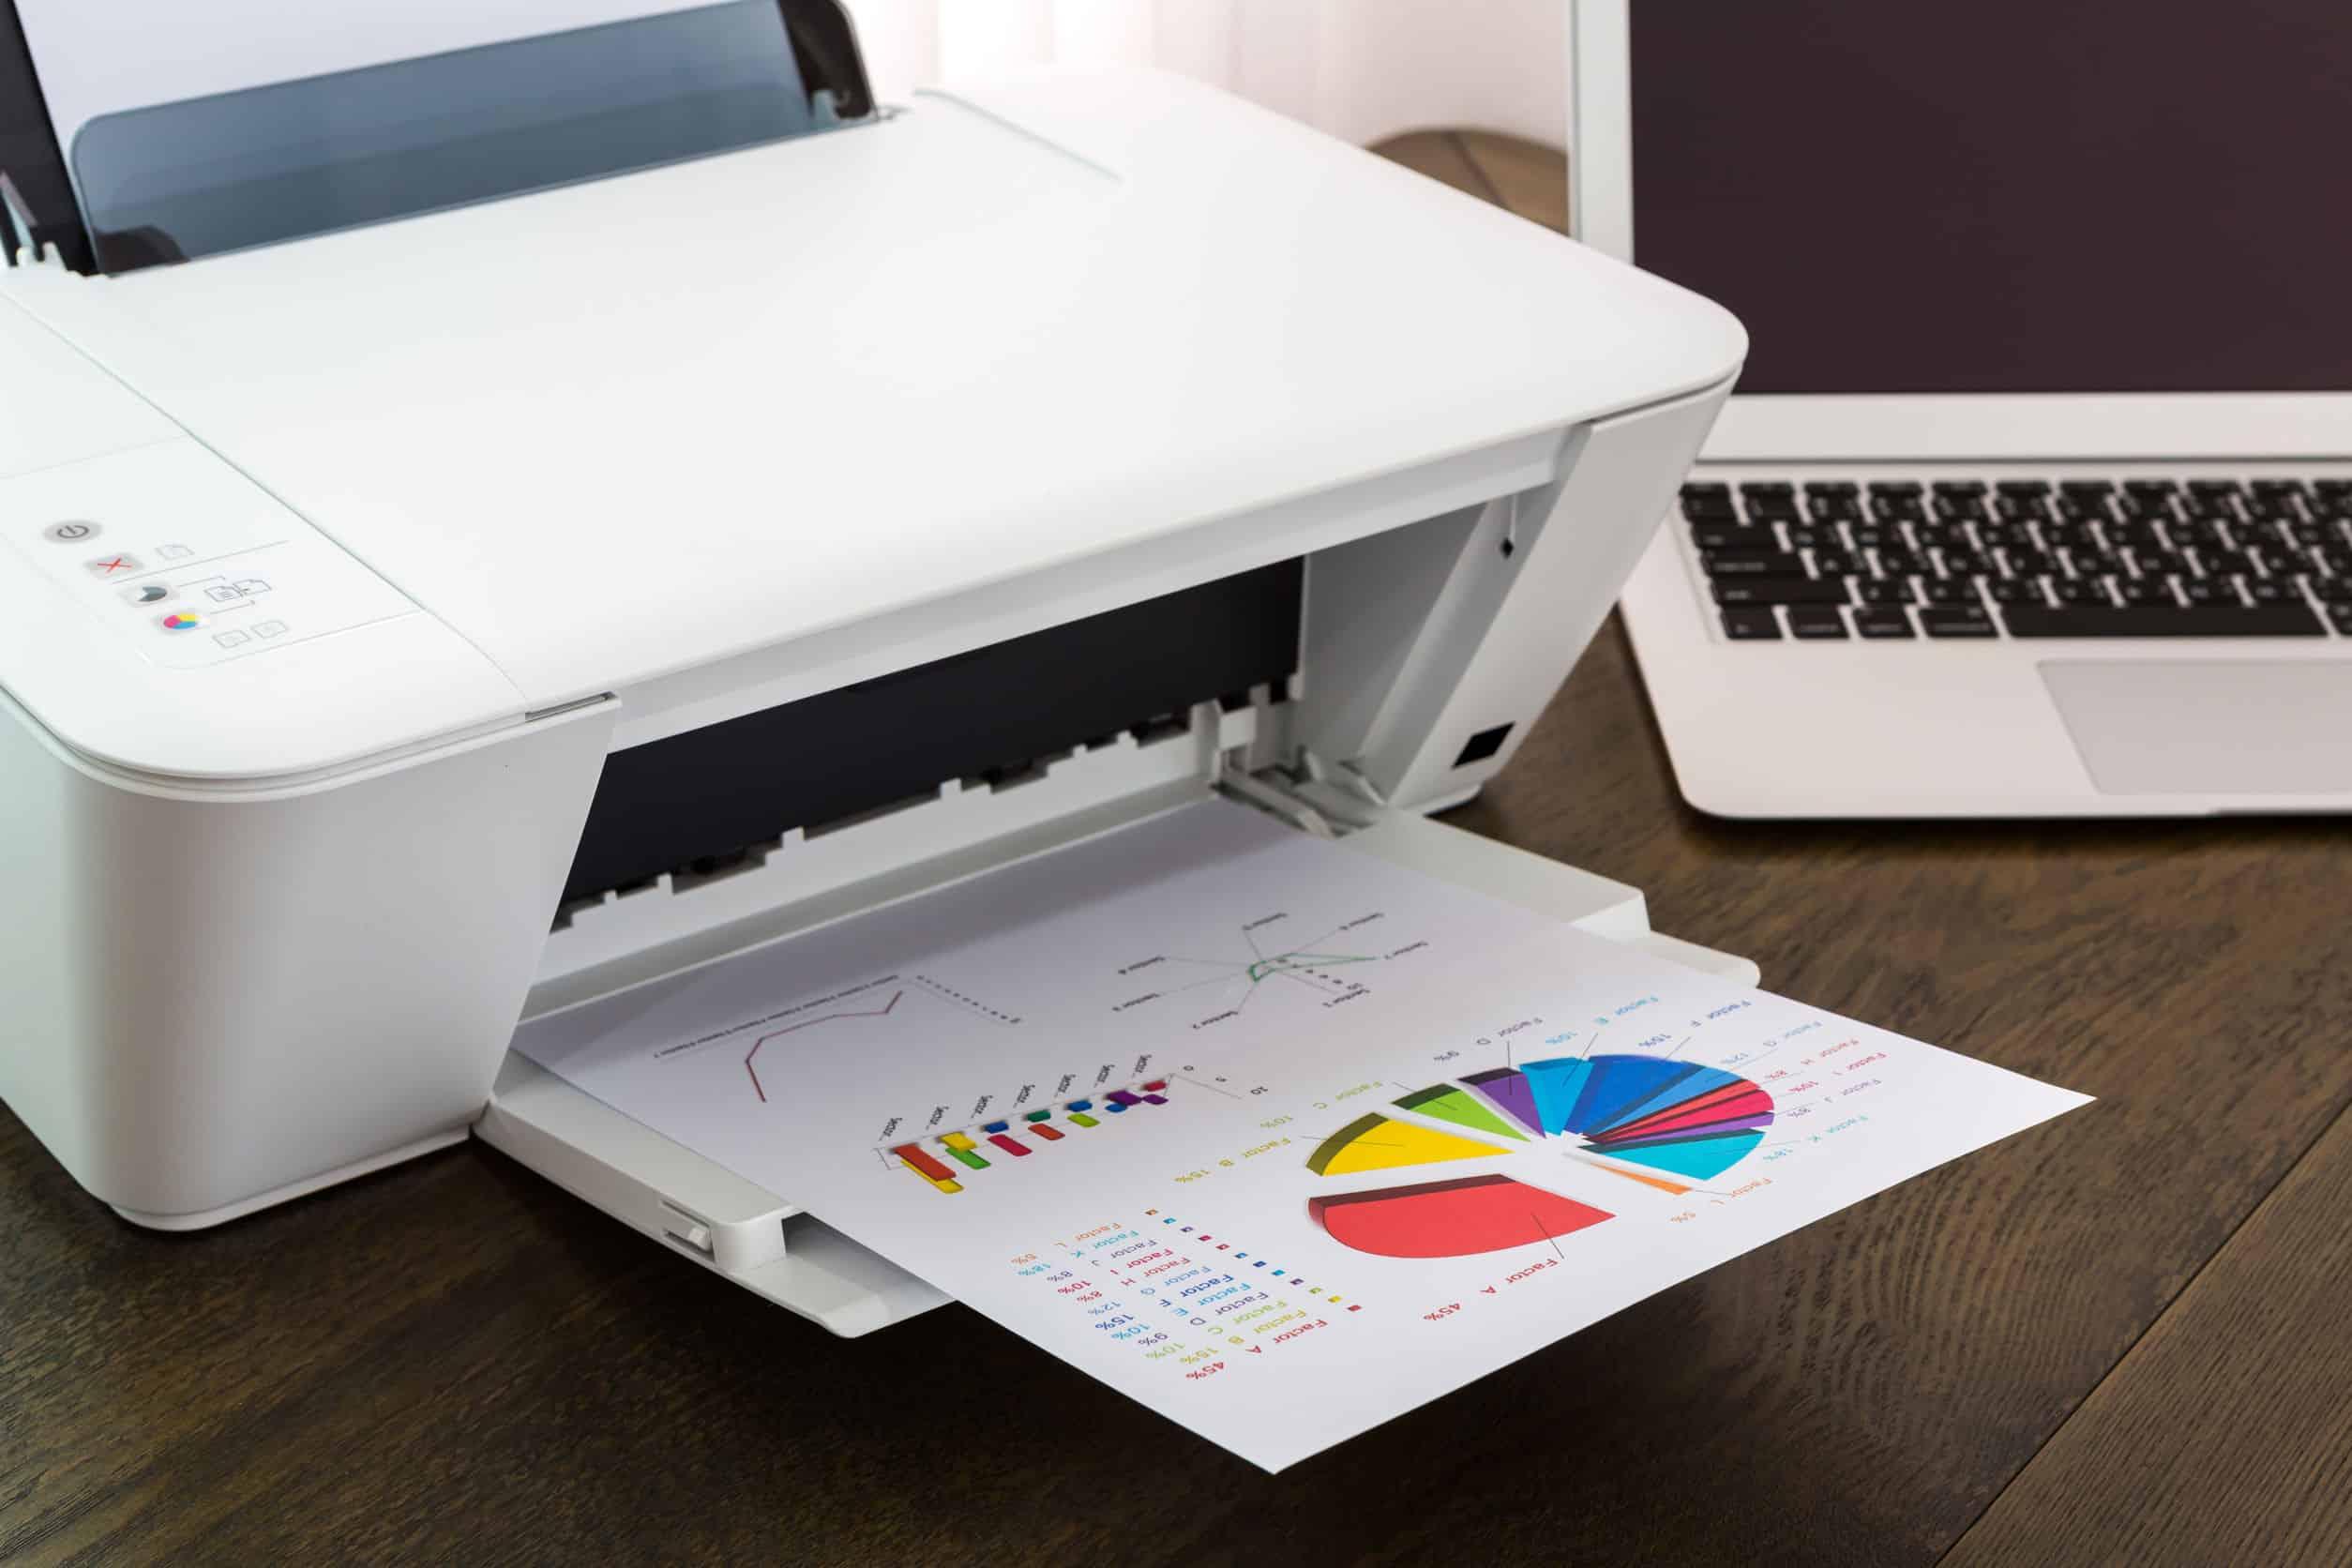 Multifuncional HP: Como escolher o melhor modelo em 2020